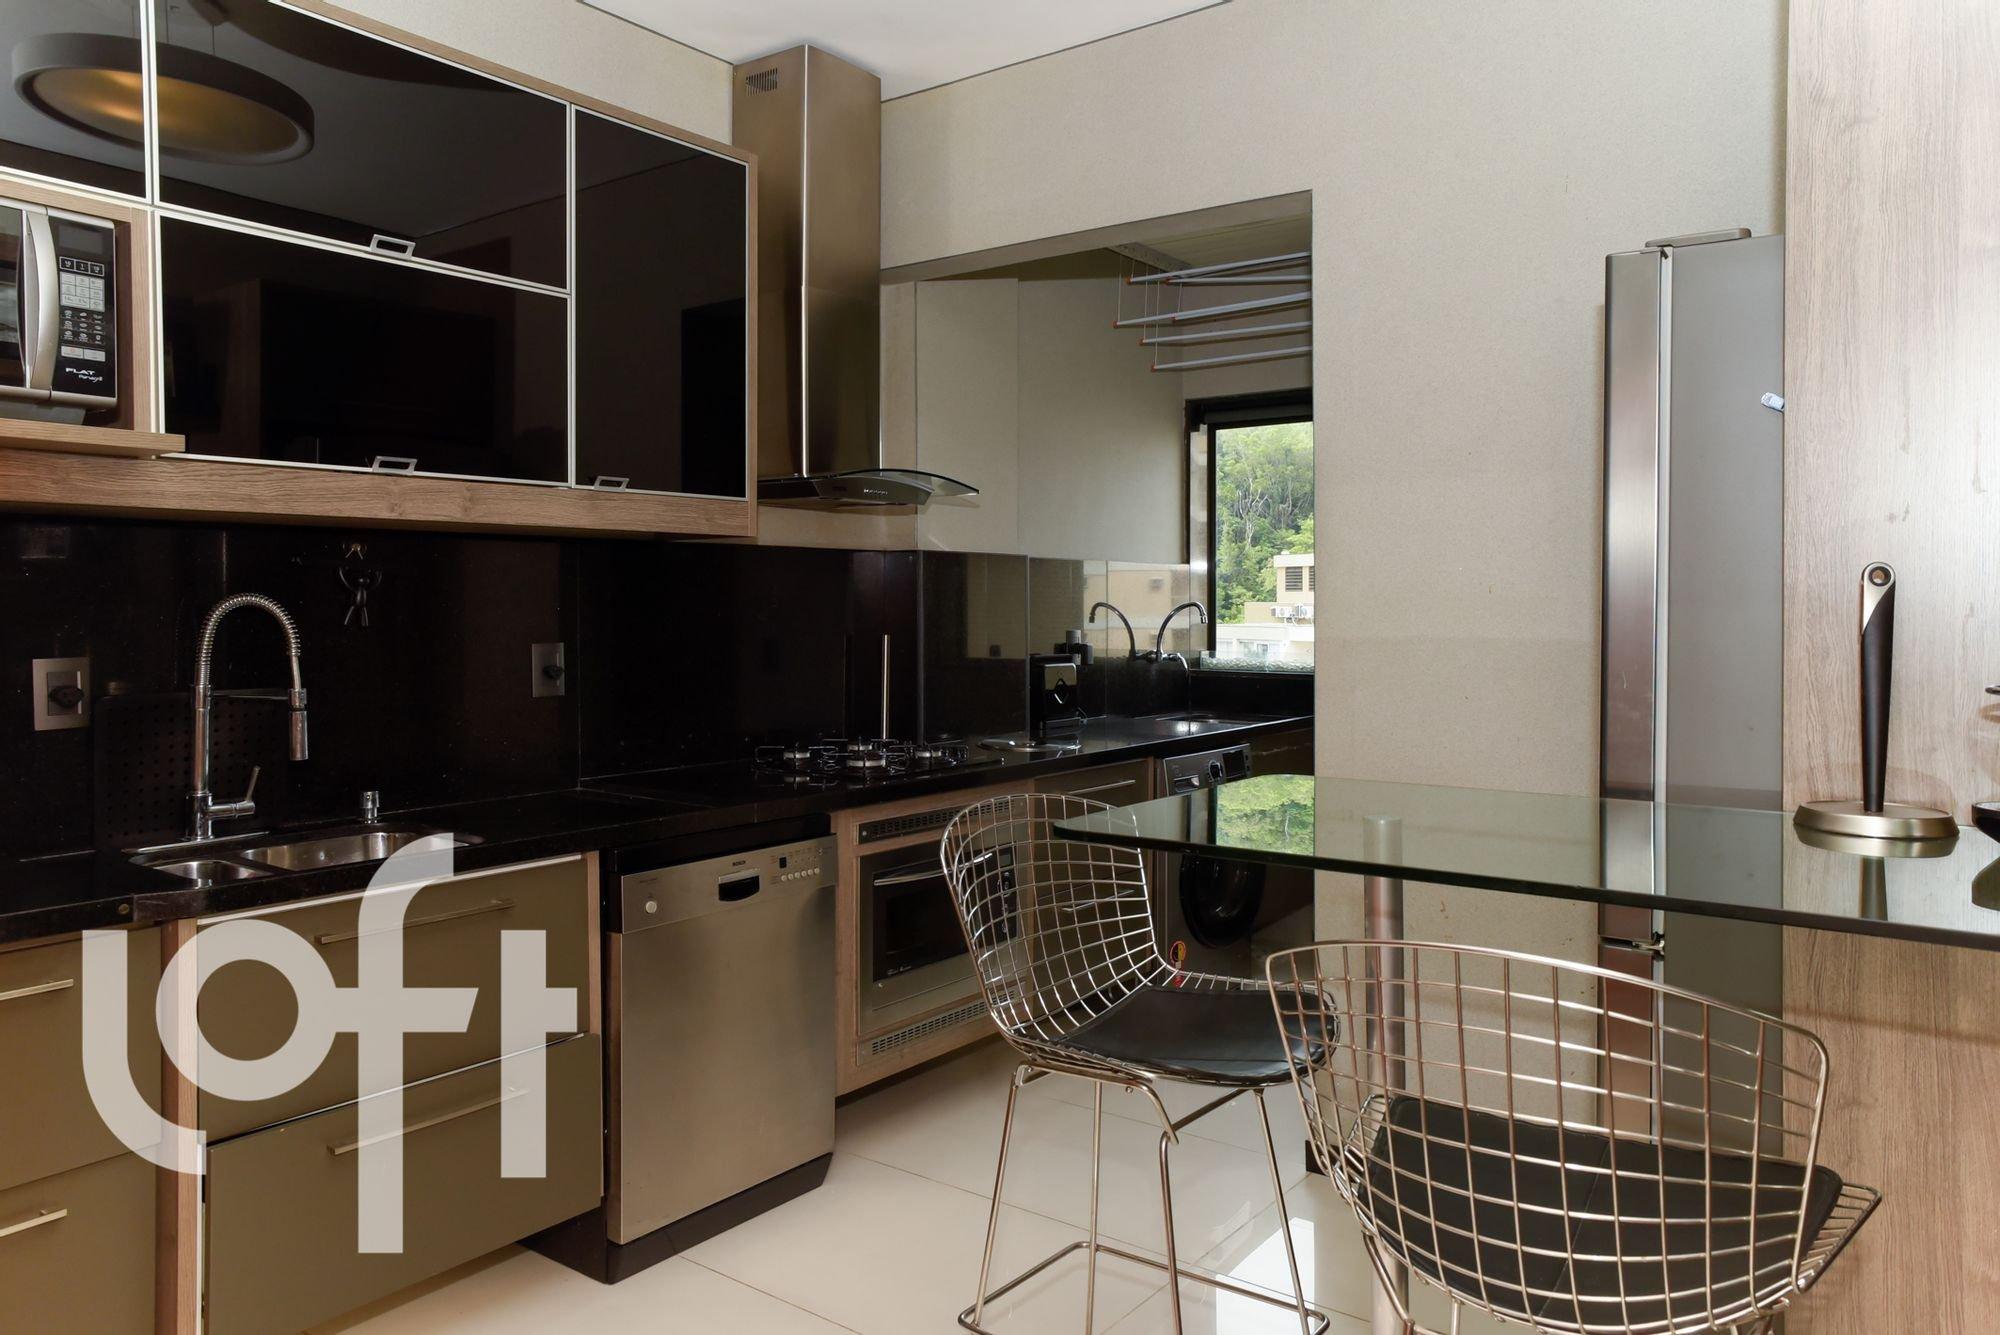 Foto de Cozinha com televisão, forno, pia, cadeira